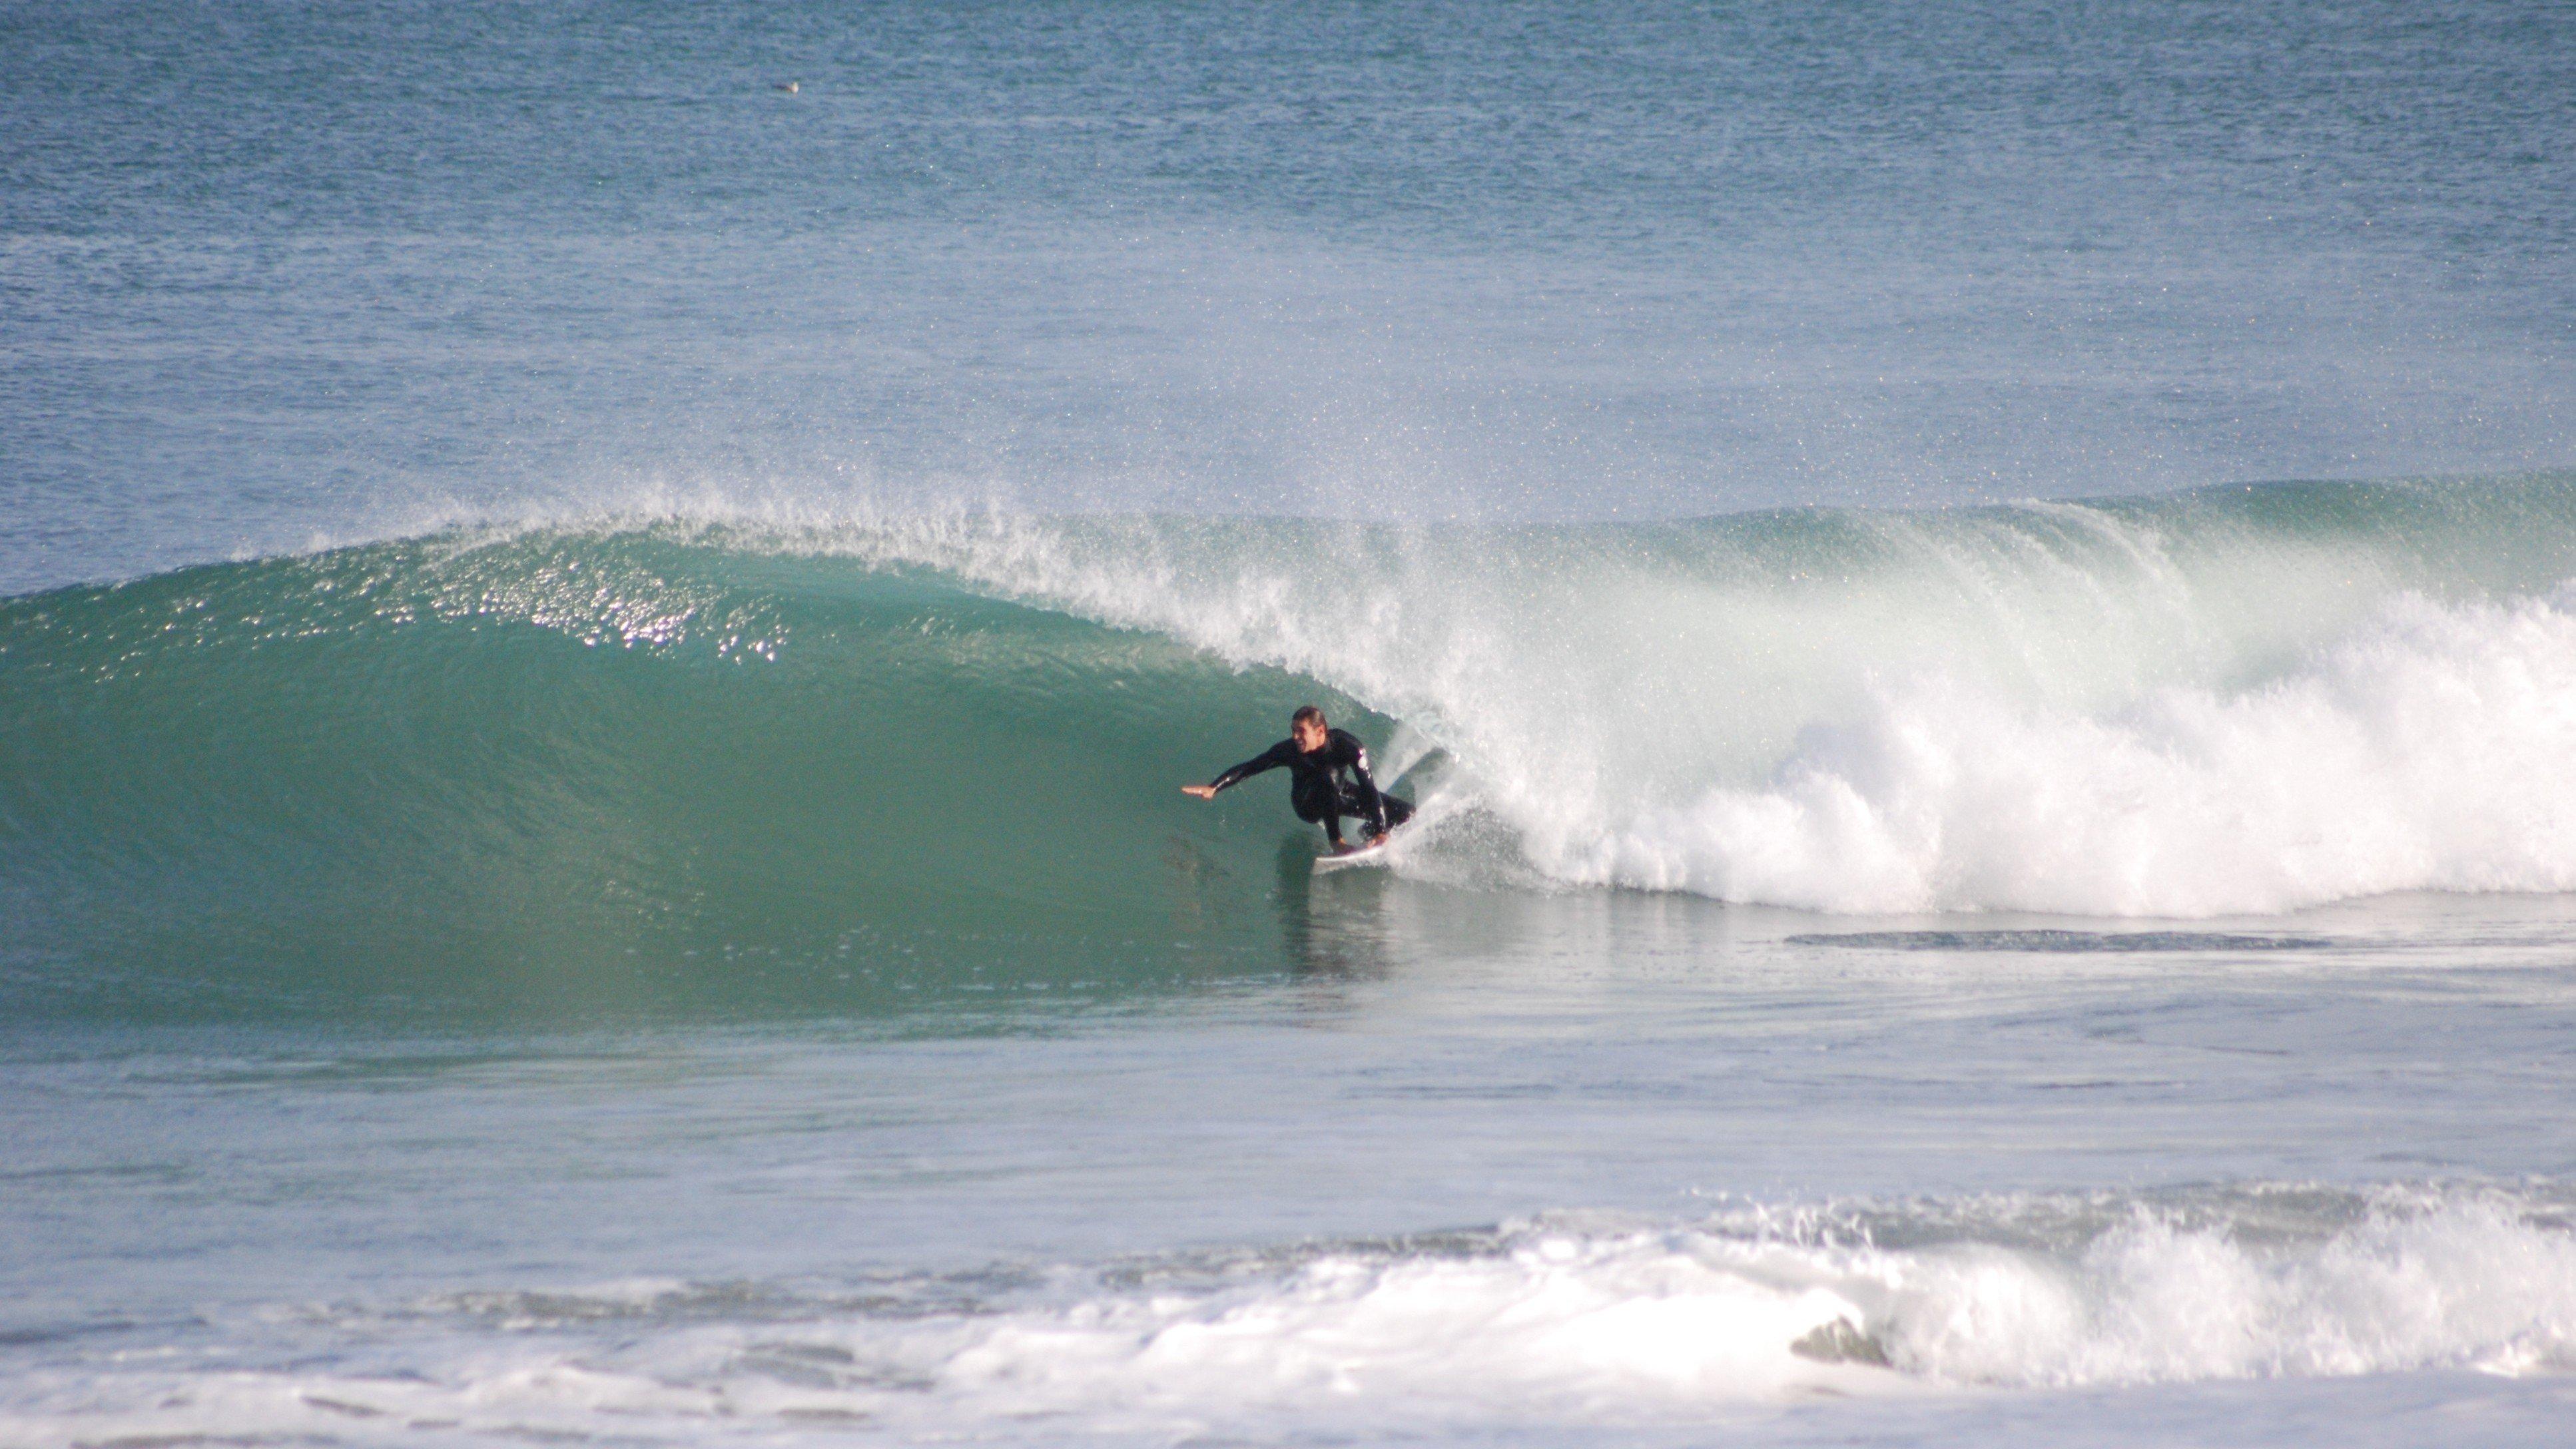 Surfing France's beach breaks